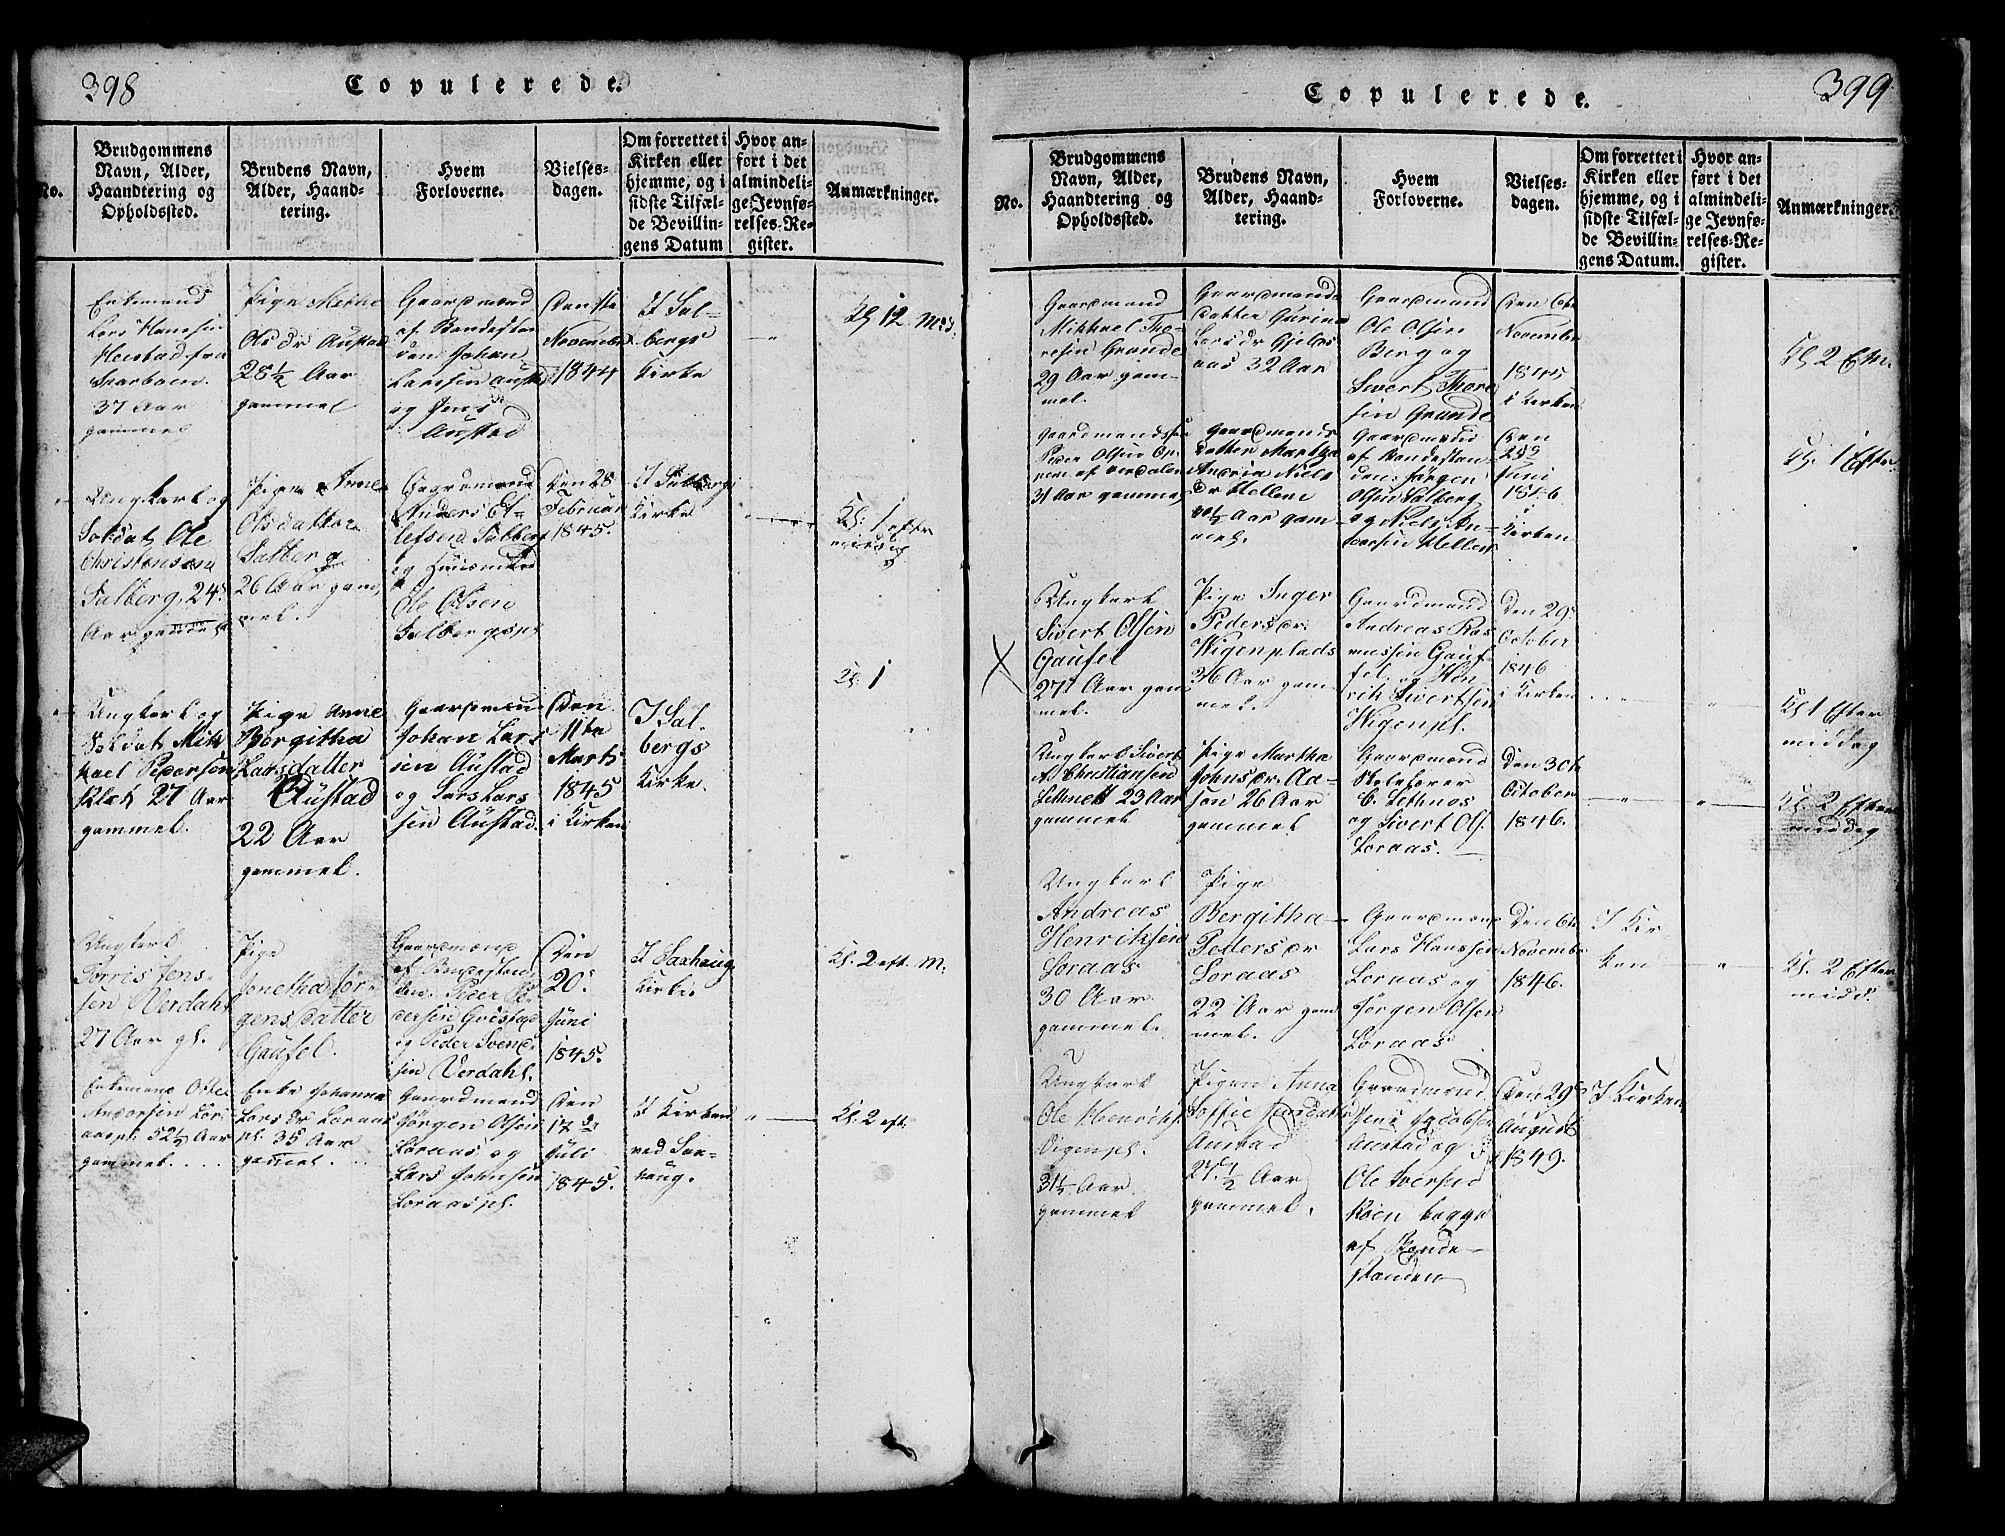 SAT, Ministerialprotokoller, klokkerbøker og fødselsregistre - Nord-Trøndelag, 731/L0310: Klokkerbok nr. 731C01, 1816-1874, s. 398-399